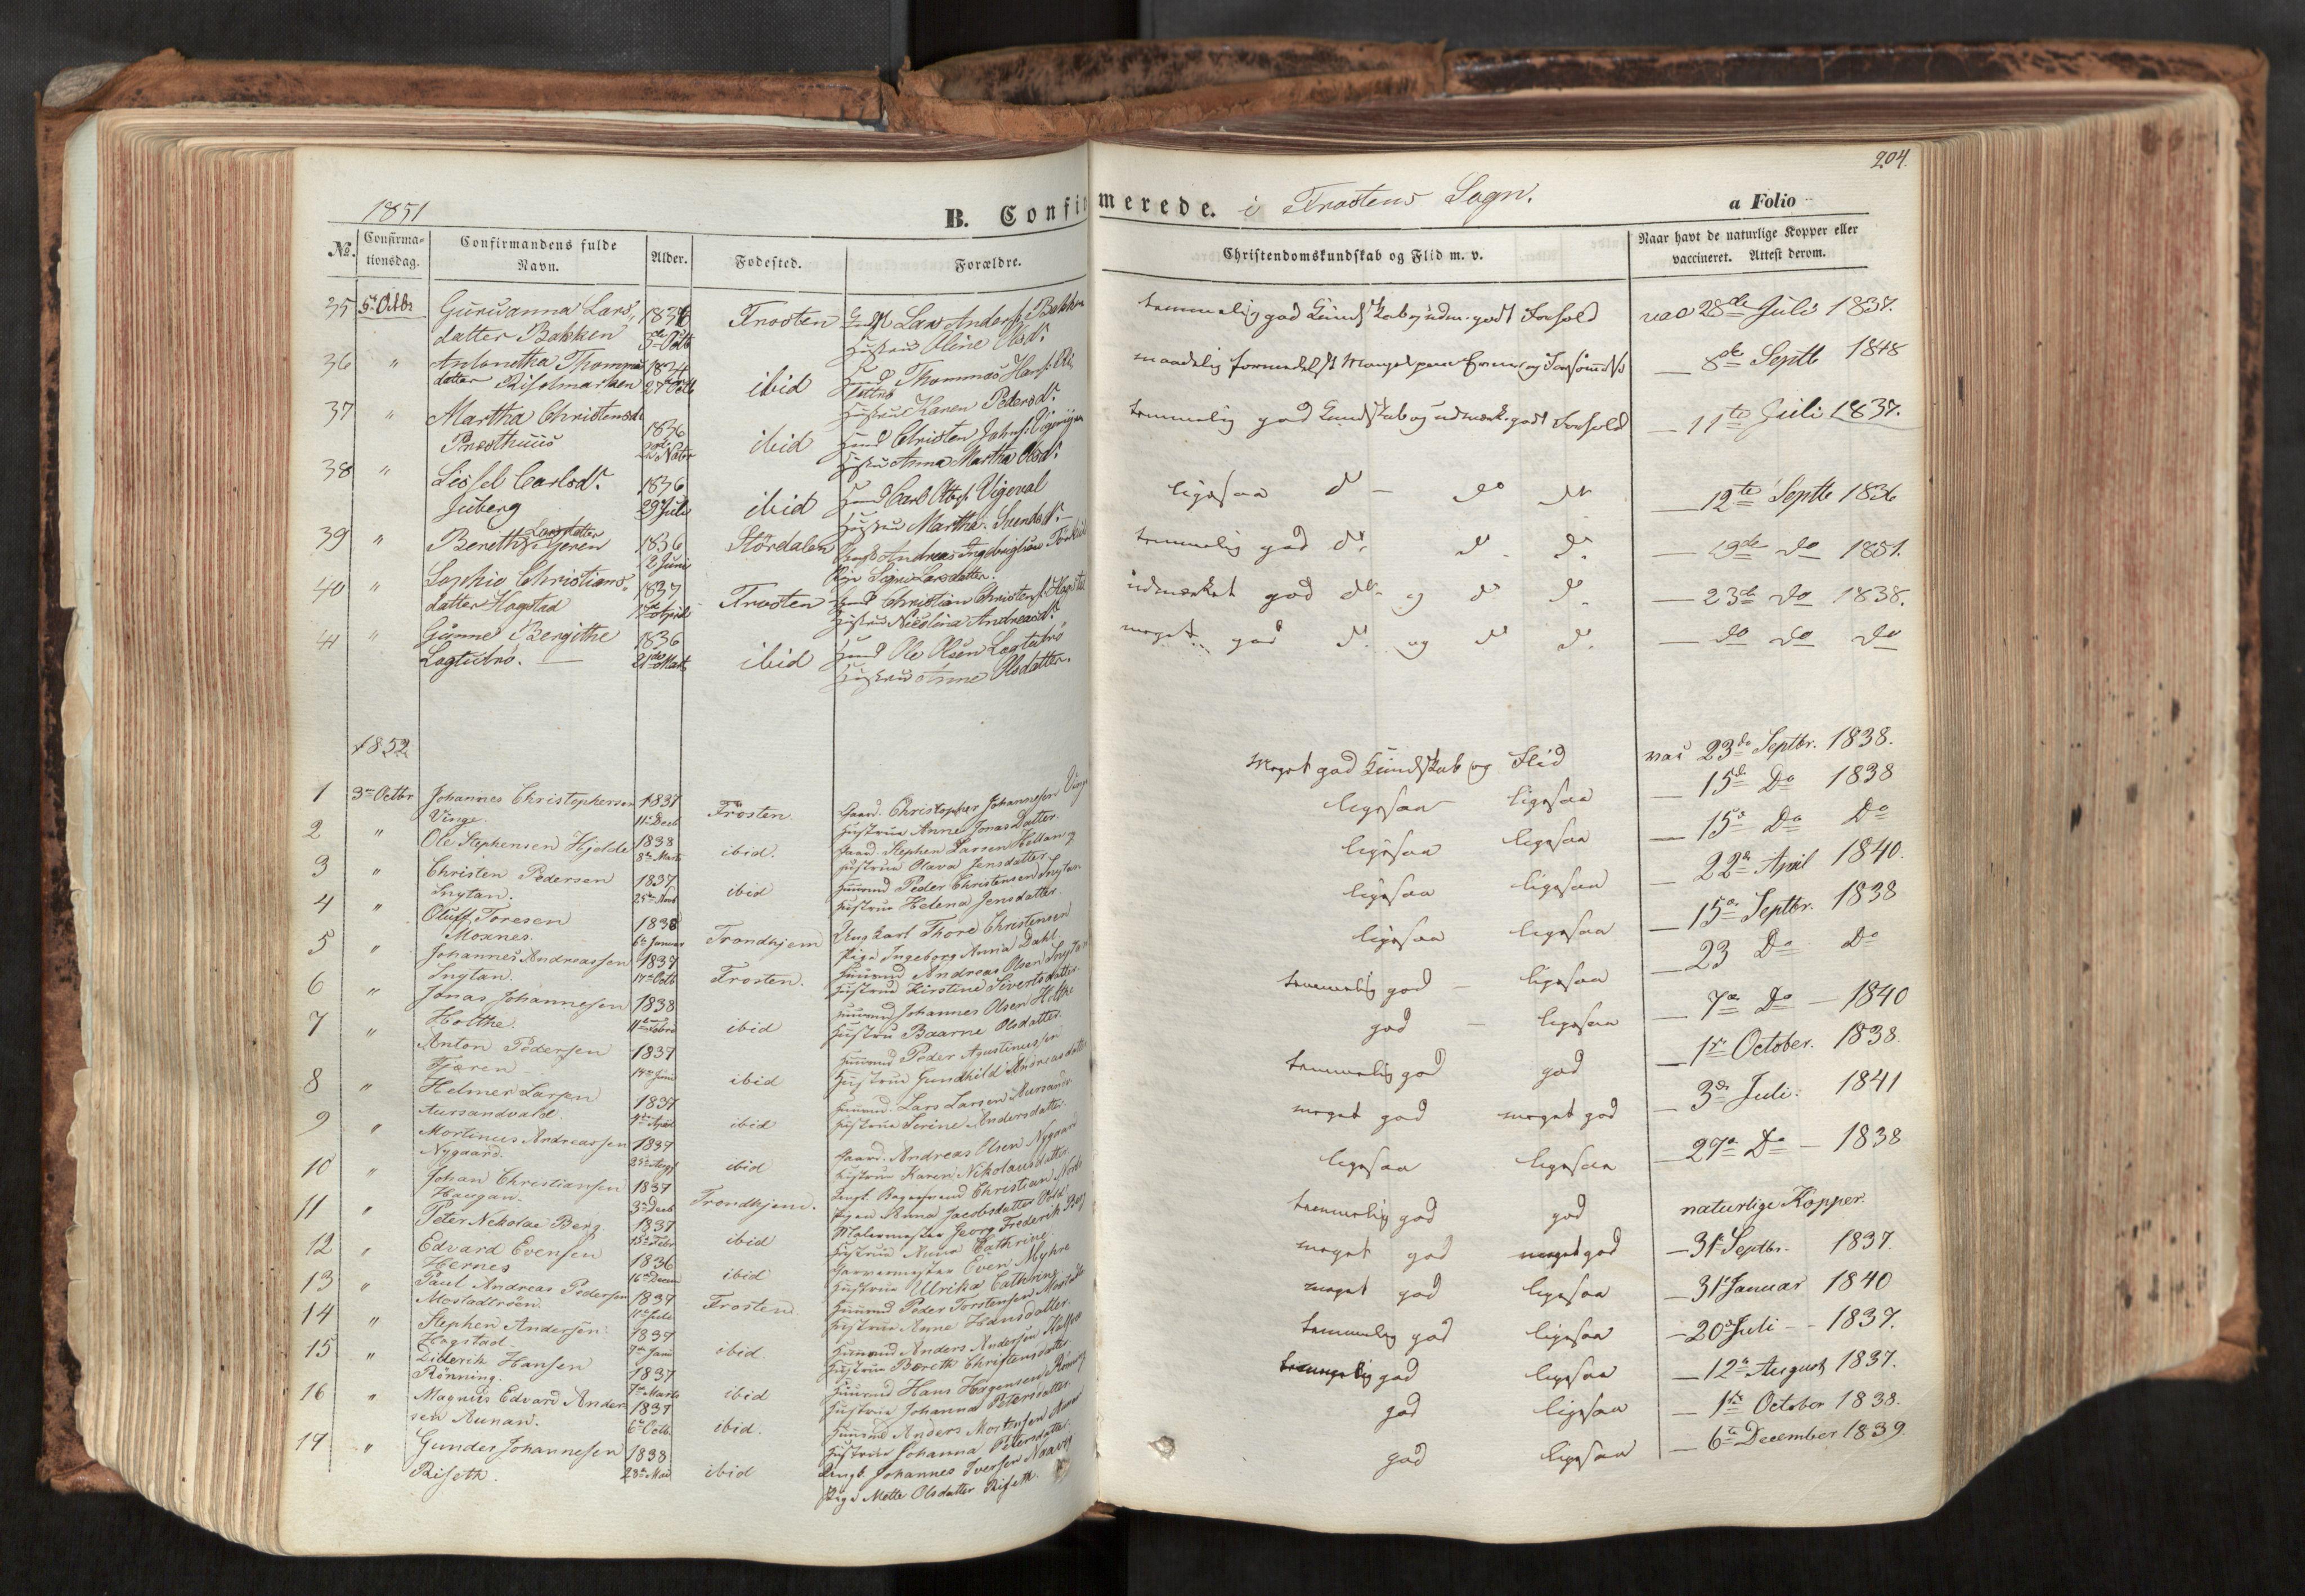 SAT, Ministerialprotokoller, klokkerbøker og fødselsregistre - Nord-Trøndelag, 713/L0116: Ministerialbok nr. 713A07, 1850-1877, s. 204